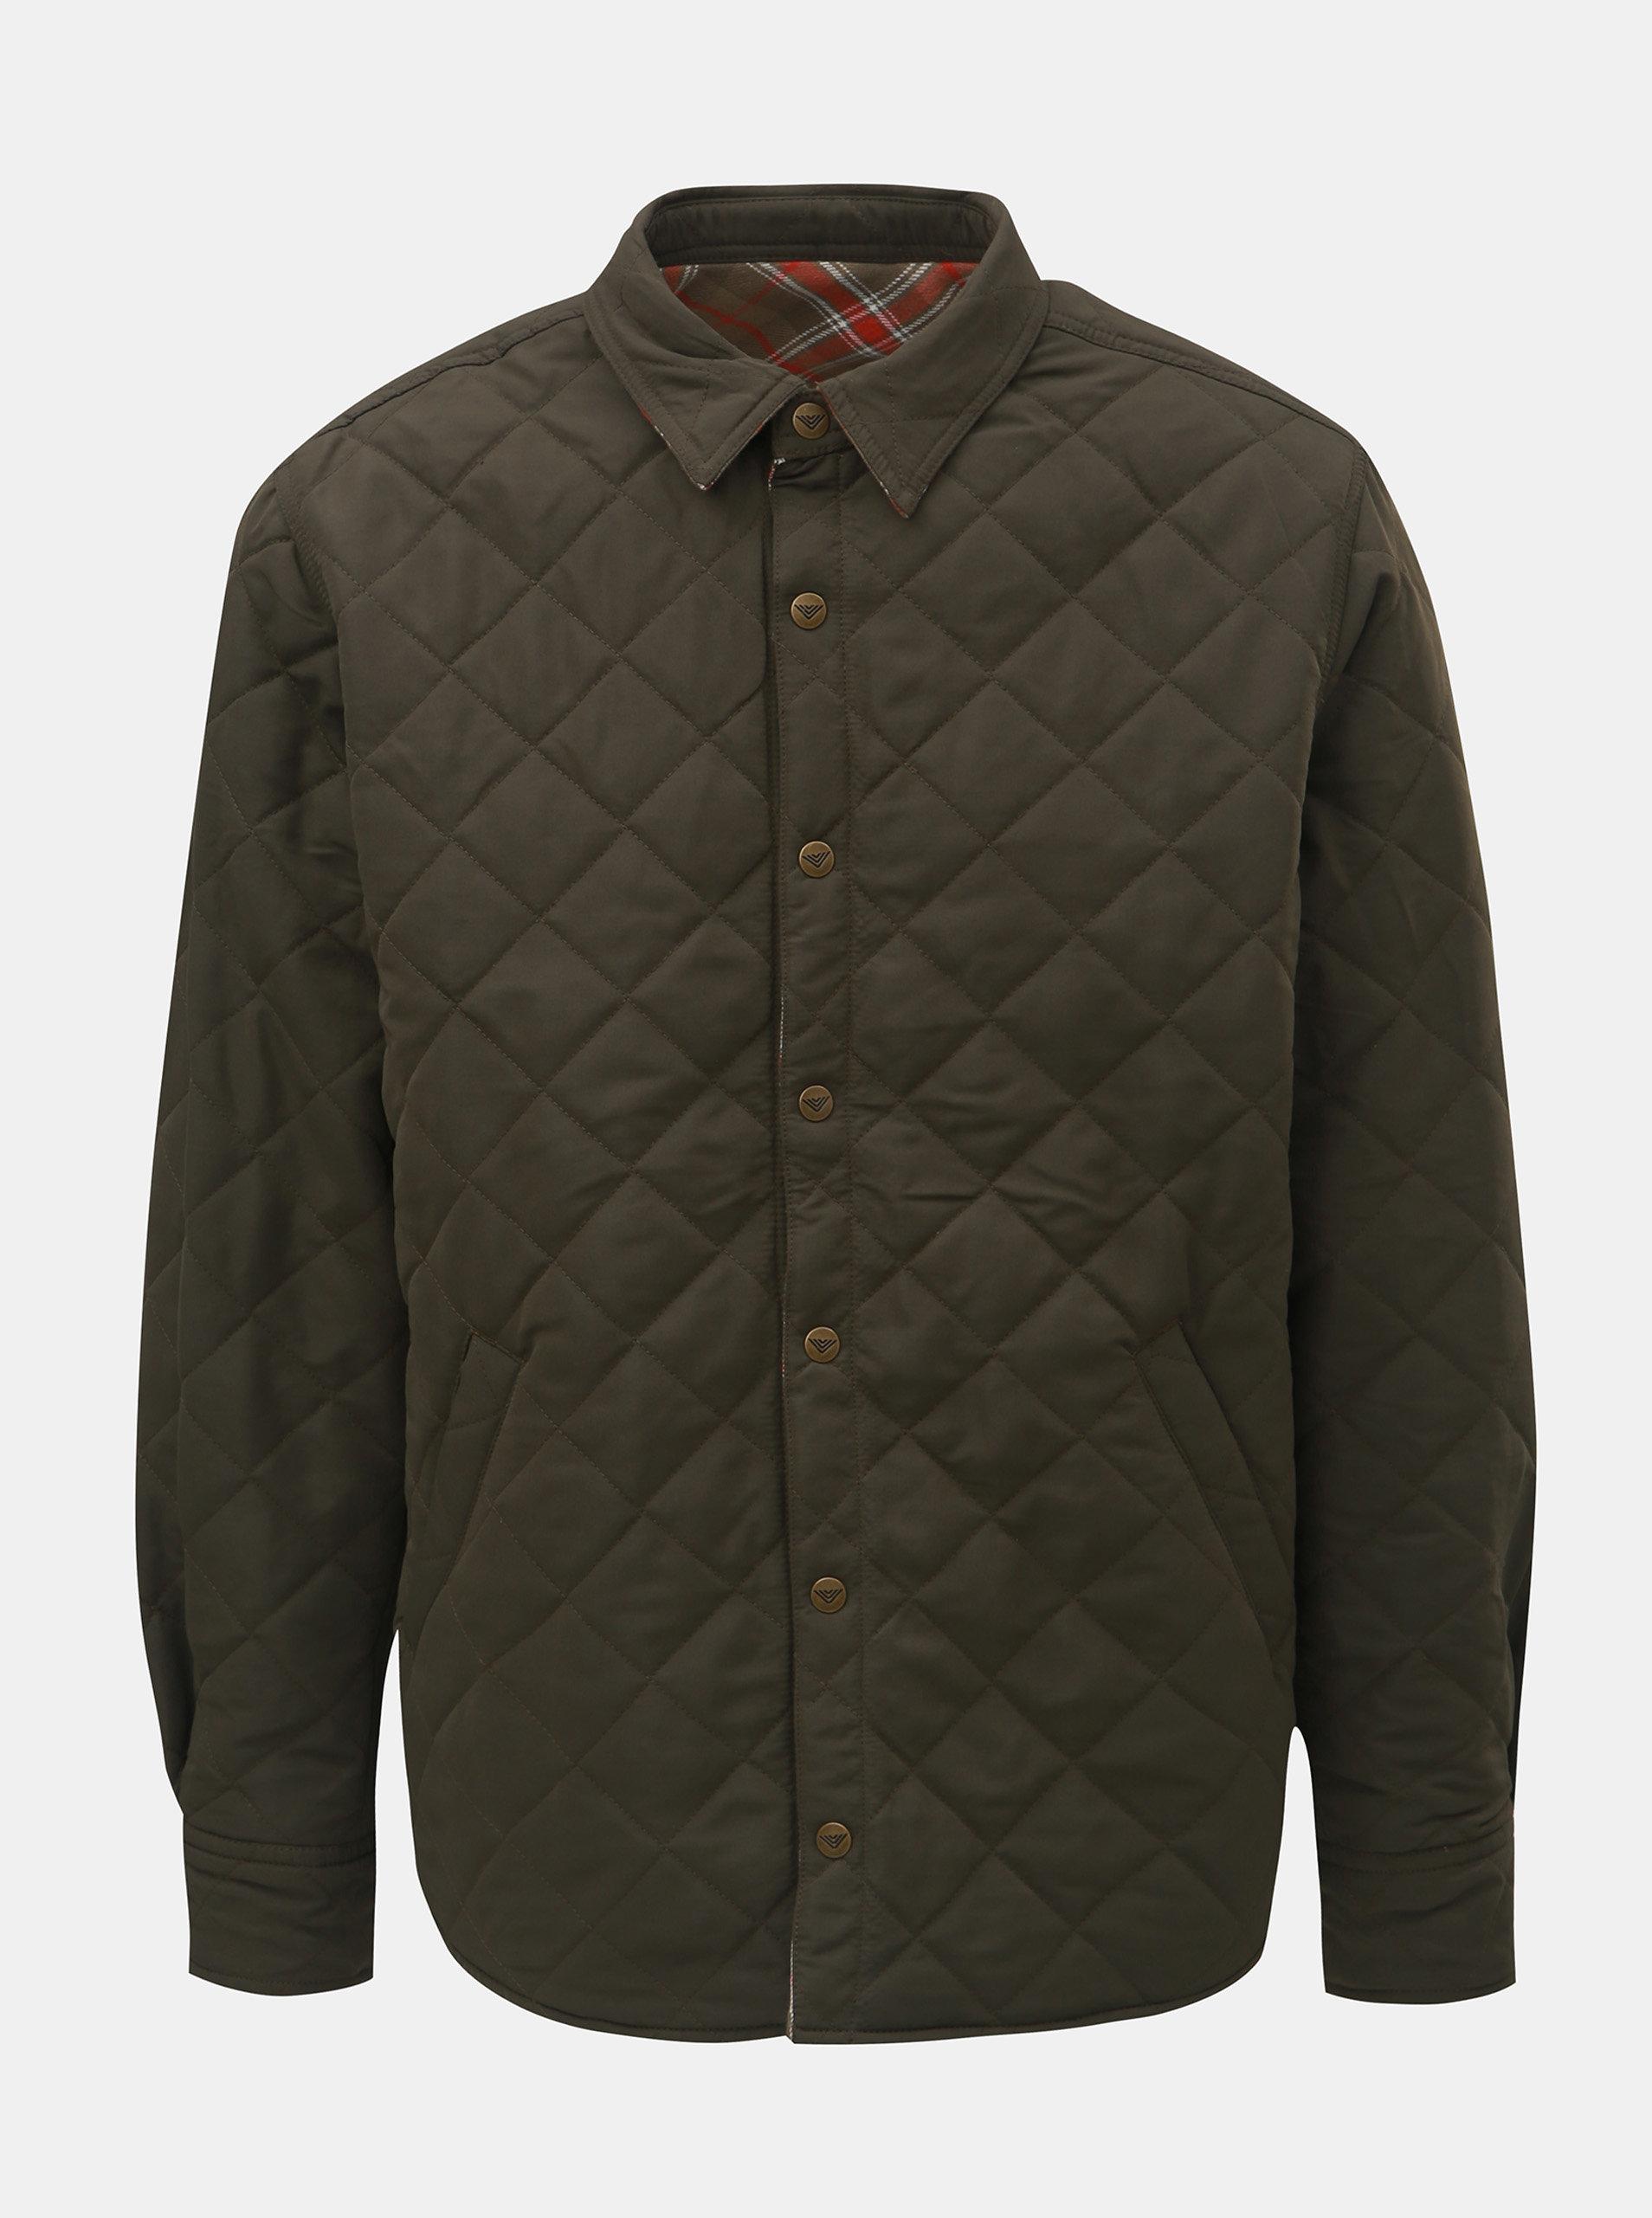 Khaki pánská kostkovaná oboustranná bunda BUSHMAN Falkirk ... 5a637d78f1